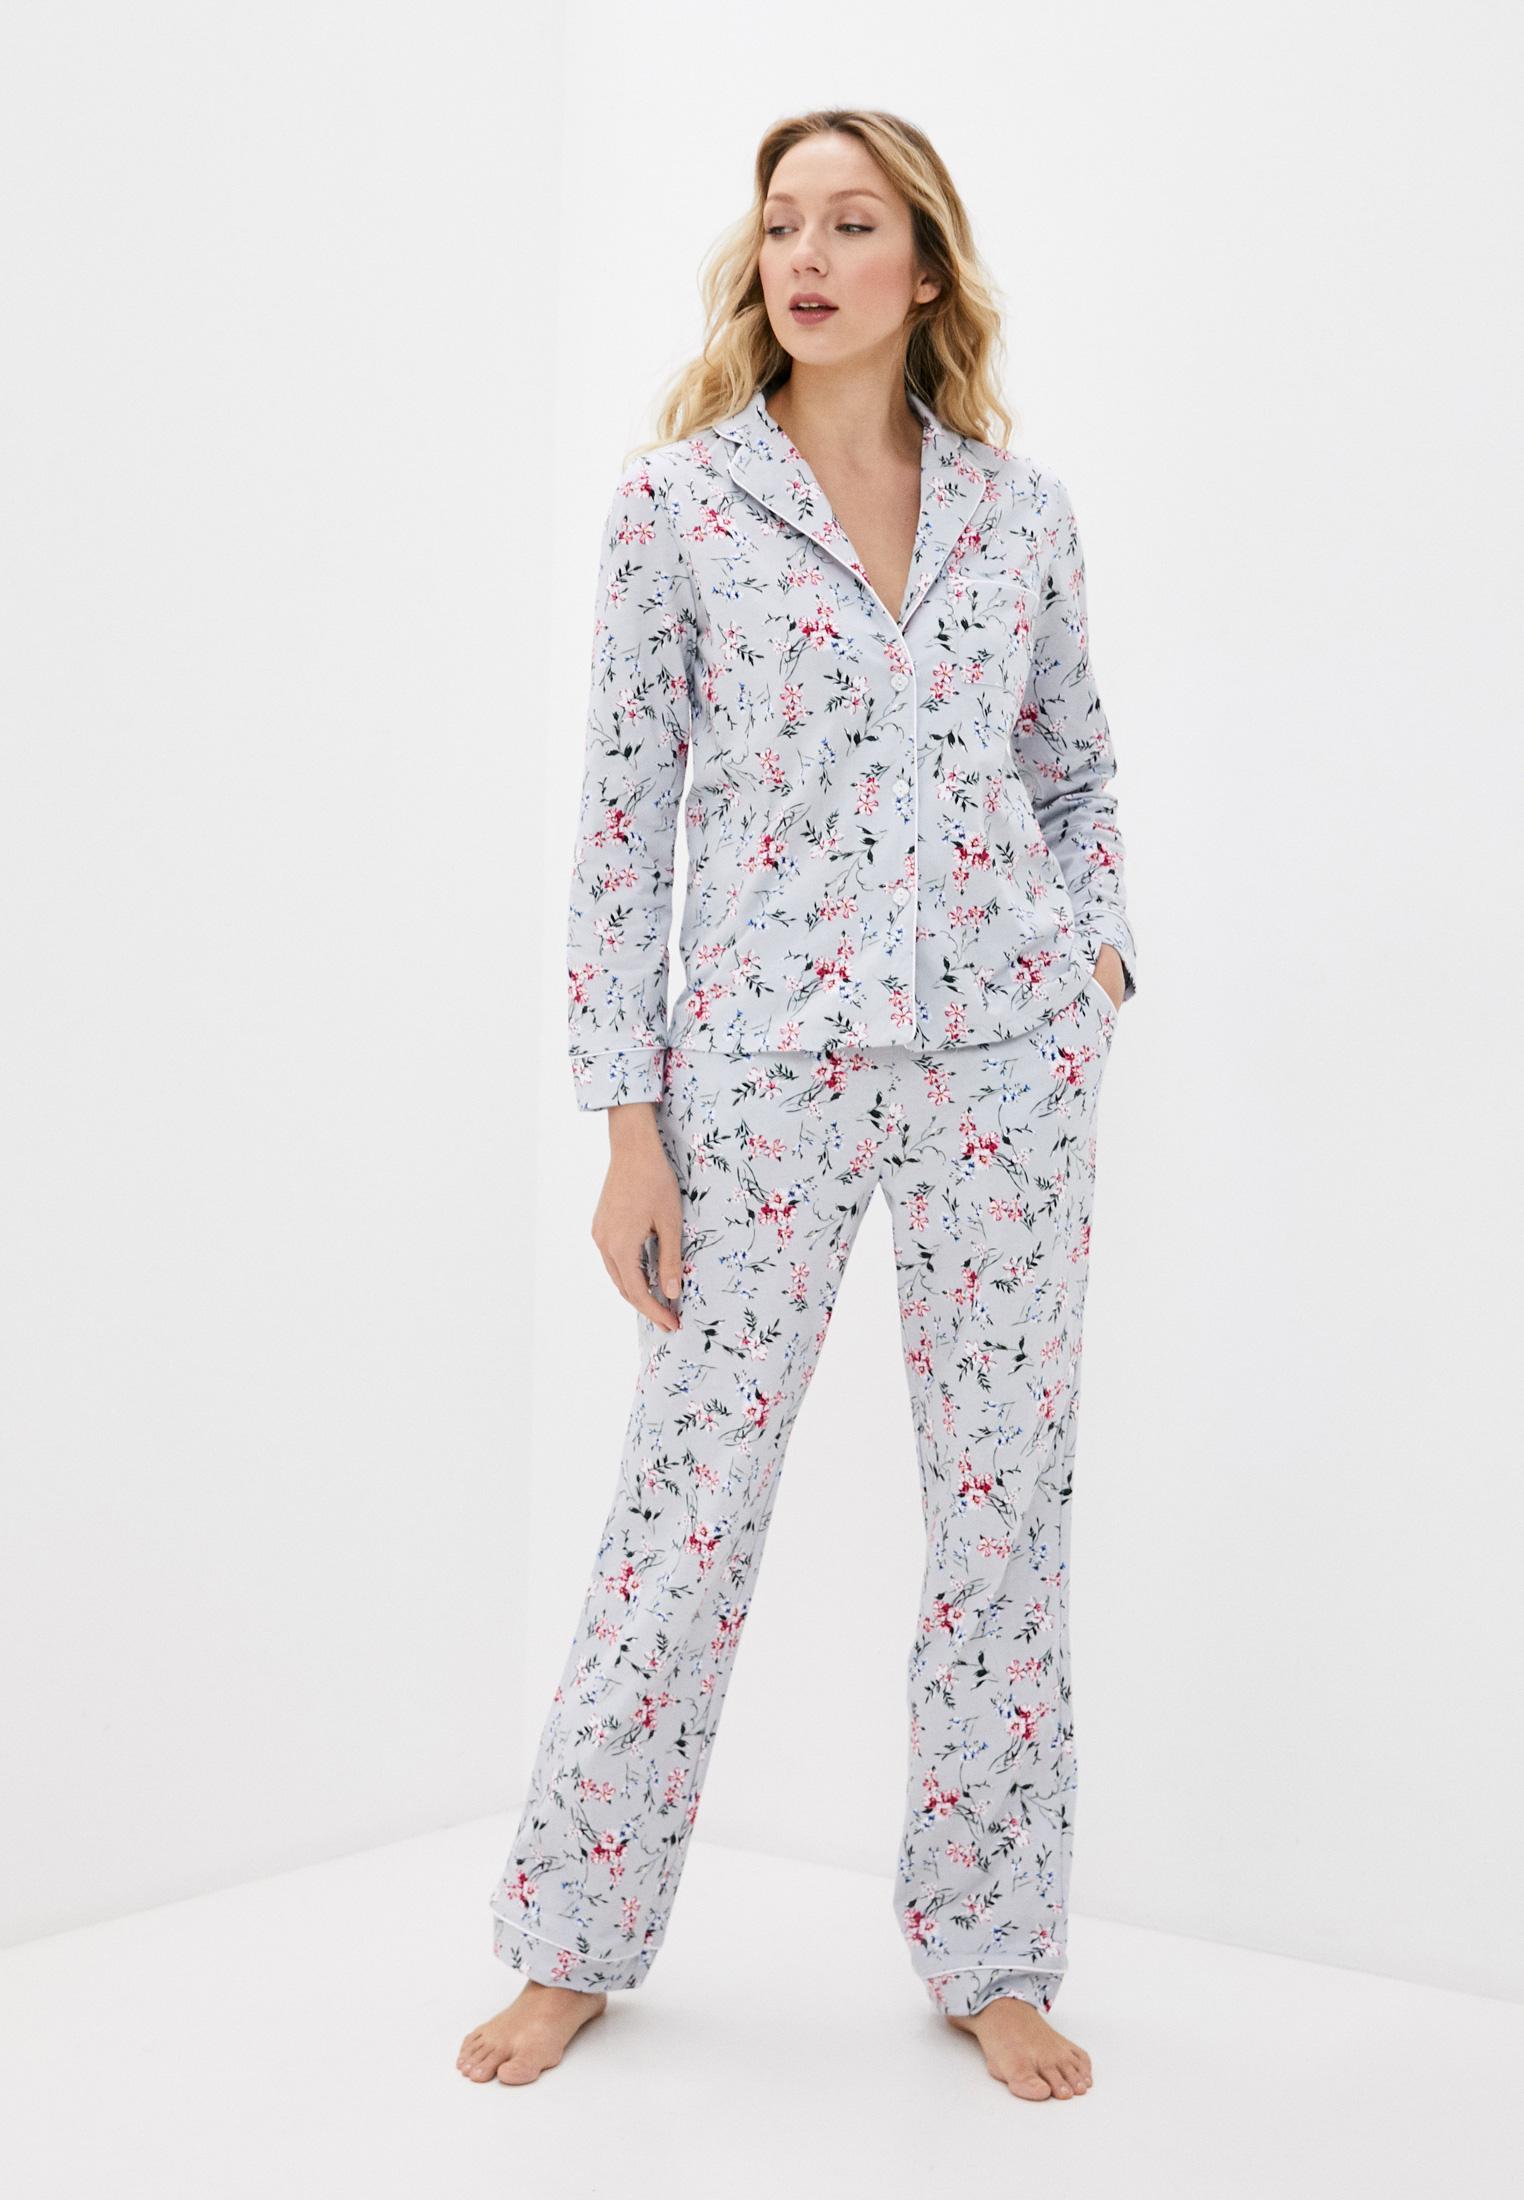 Женское белье и одежда для дома Winzor ДК331